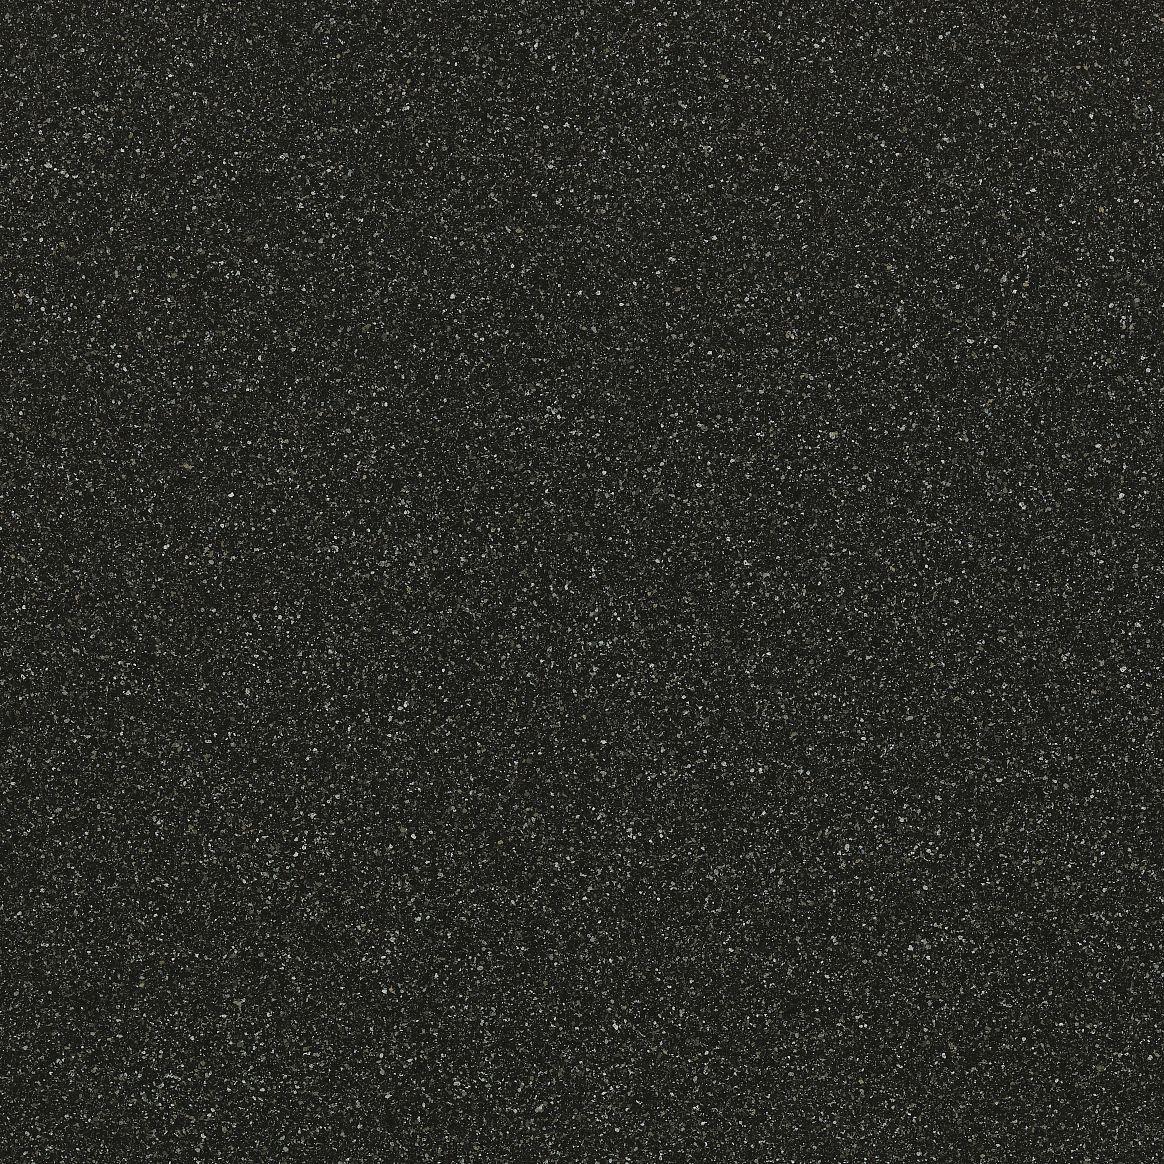 Basic Black thumbnail